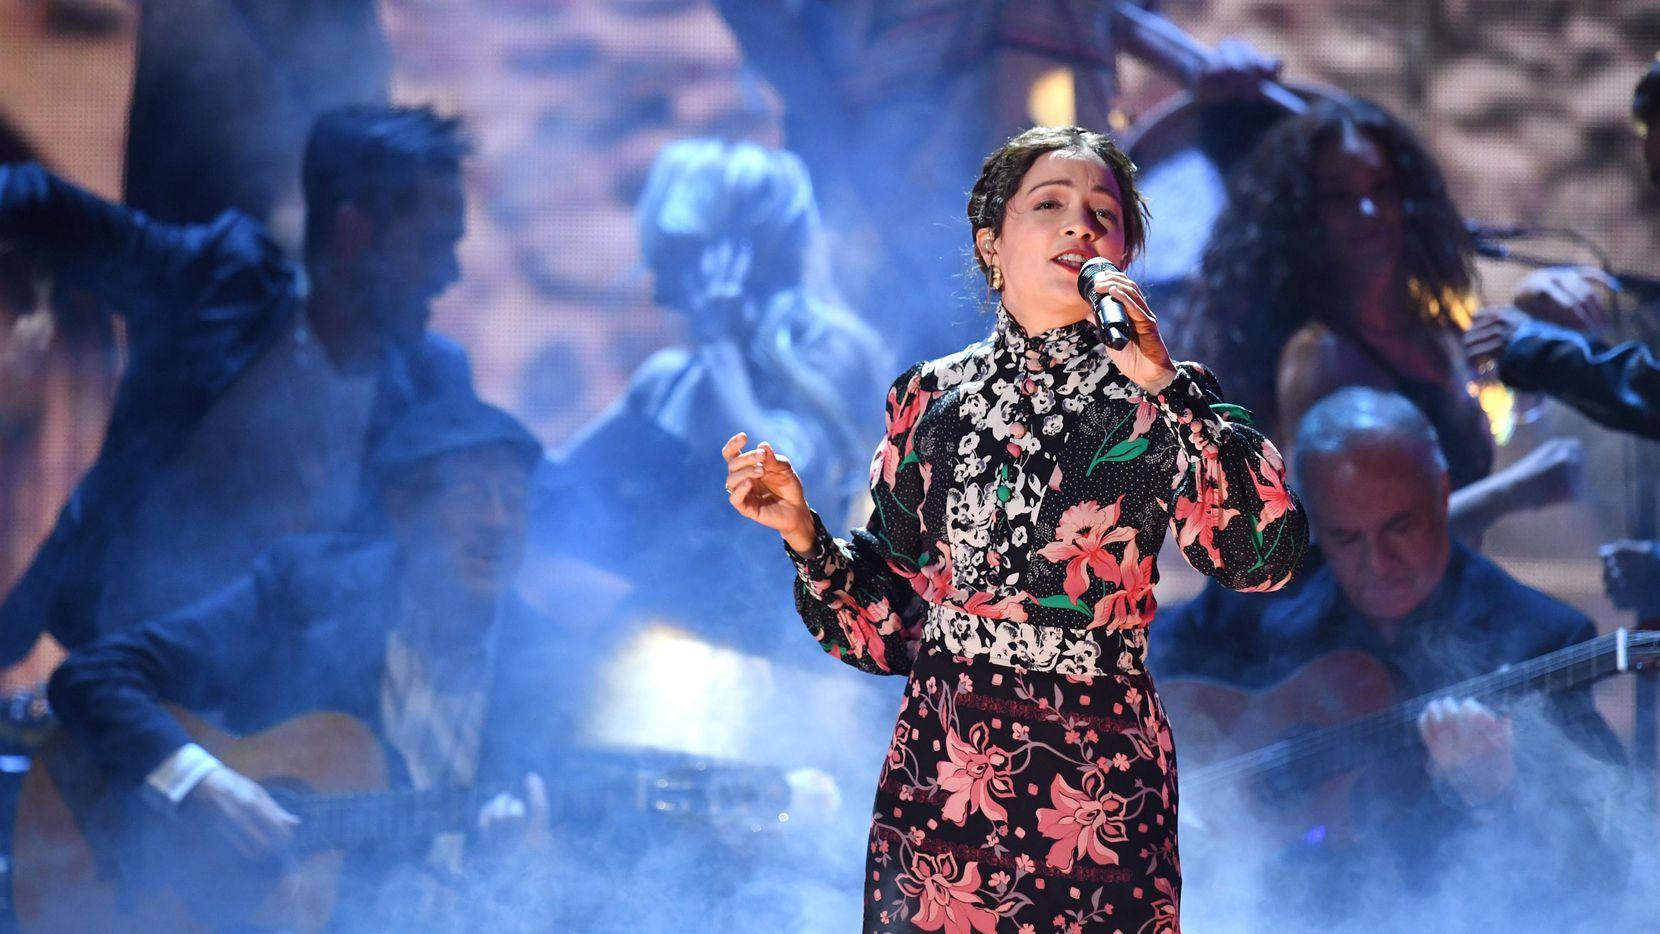 Natalia Lafourcade tendrá un show este miércoles en House of Blues de Dallas. (Getty Images/Kevin Winter)